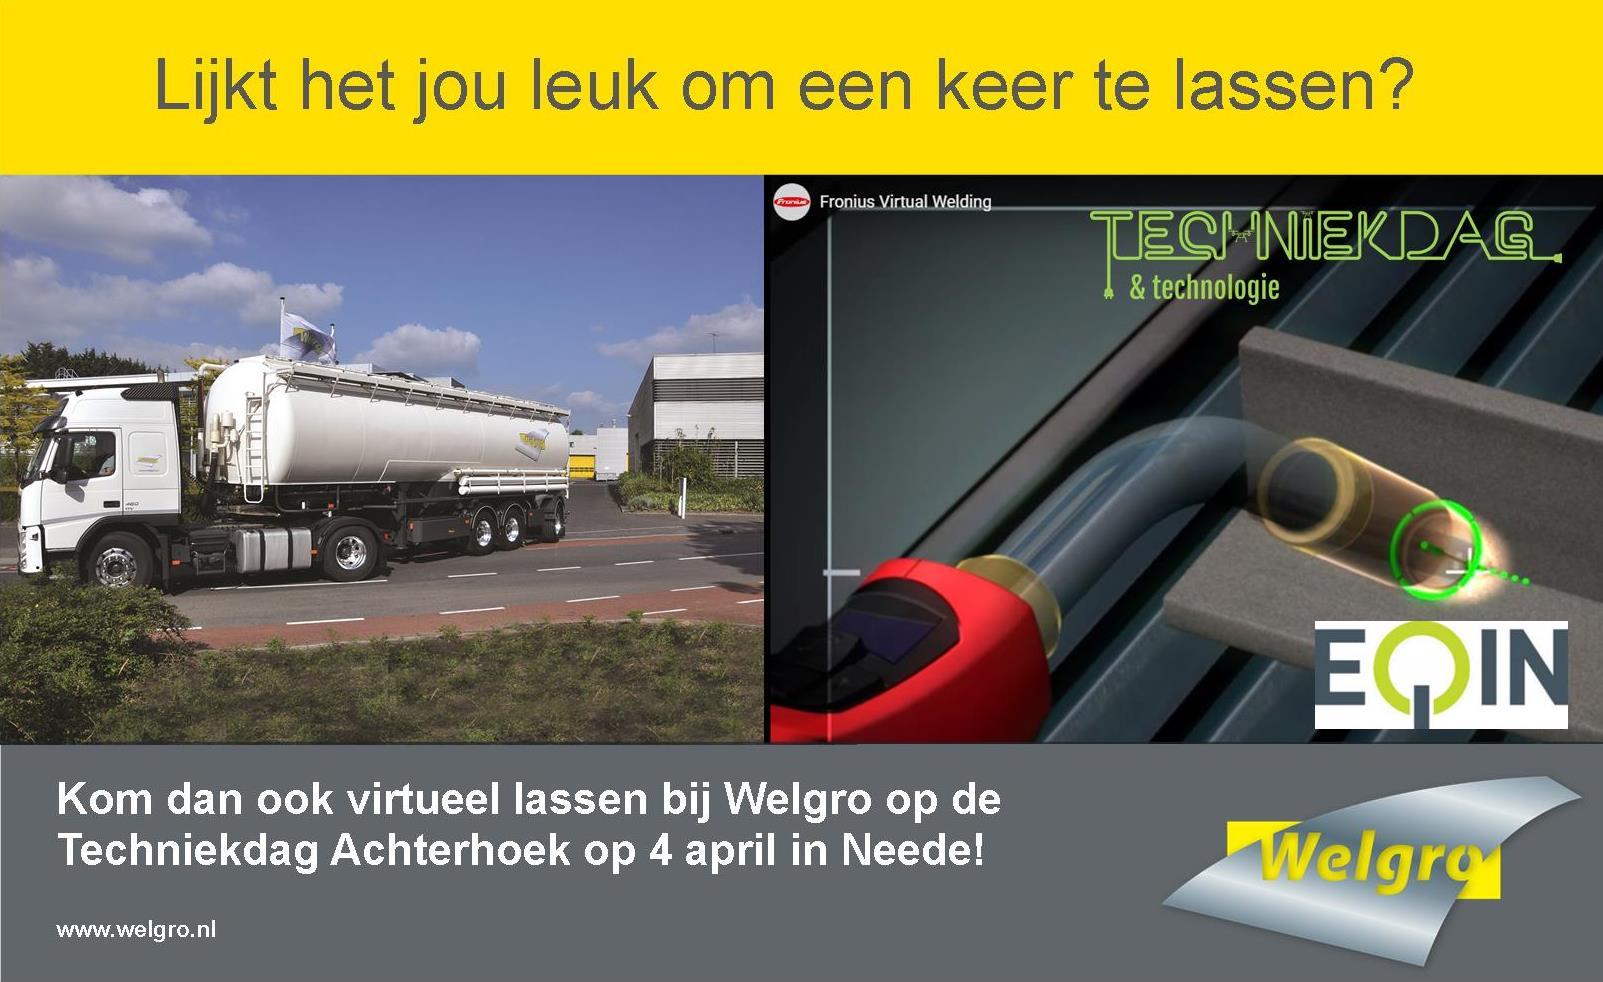 Newsitem featured image